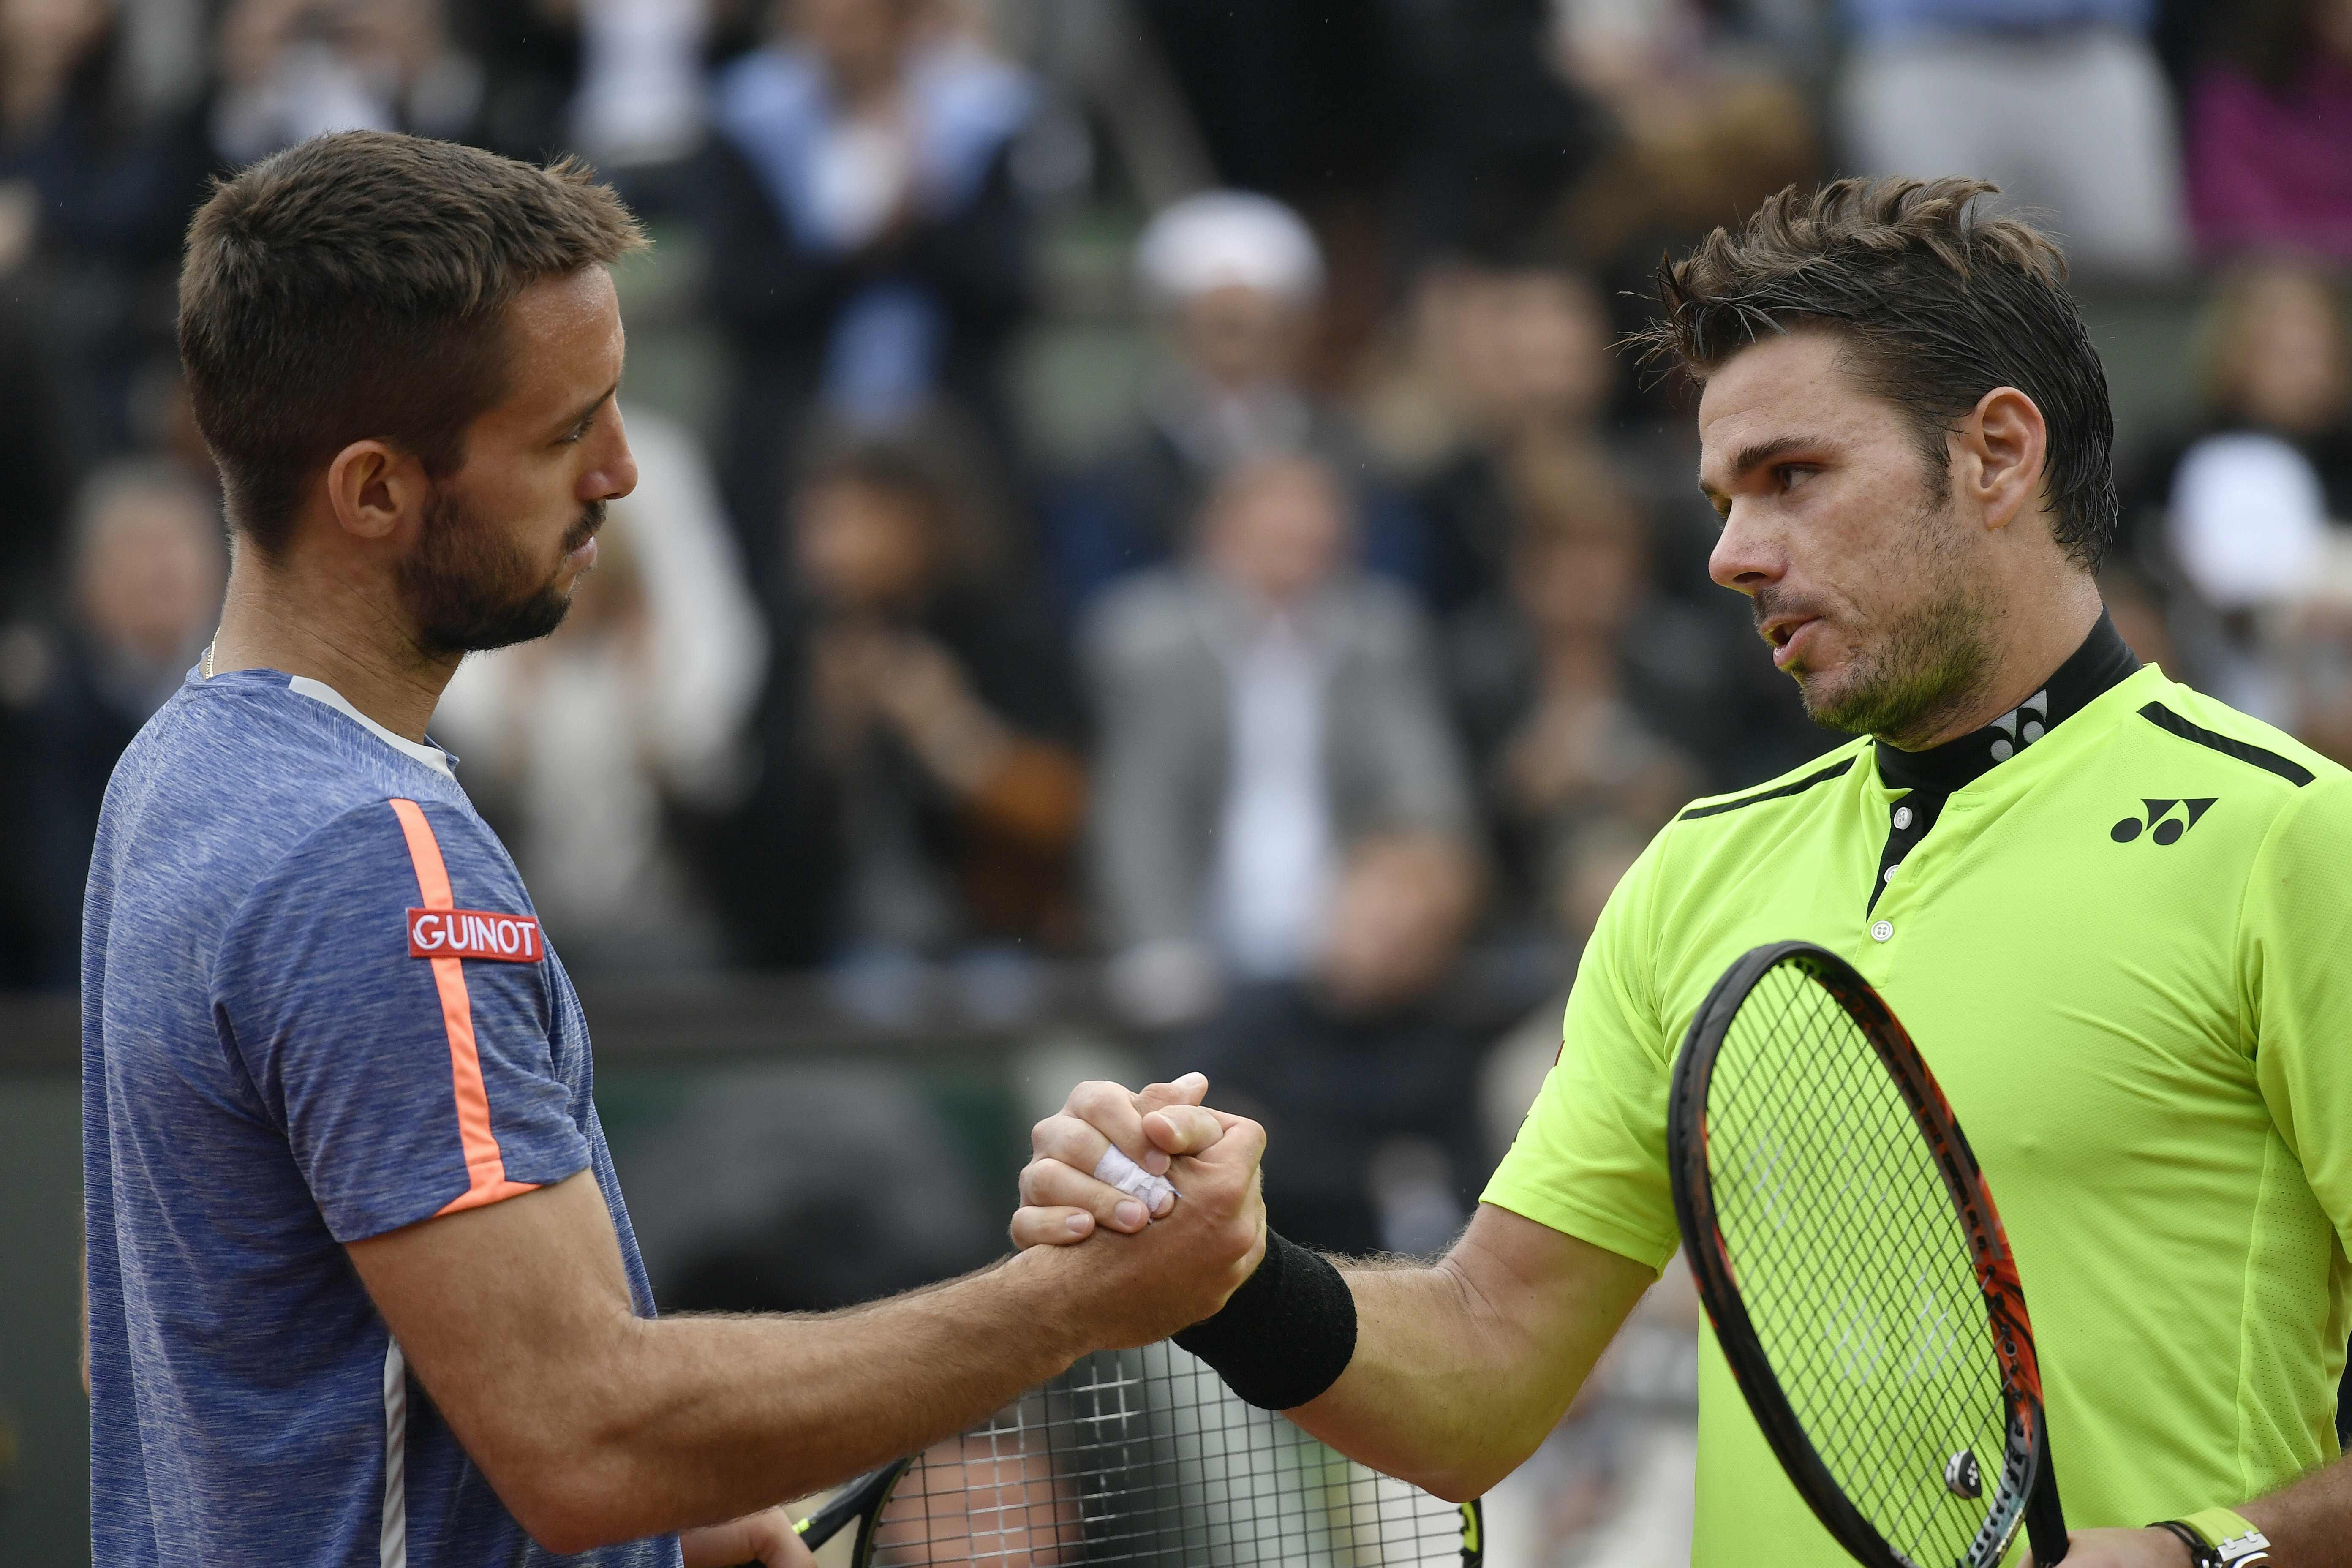 Tennis - Roland-Garros - Wawrinka fidèle au rendez-vous des quarts de finale